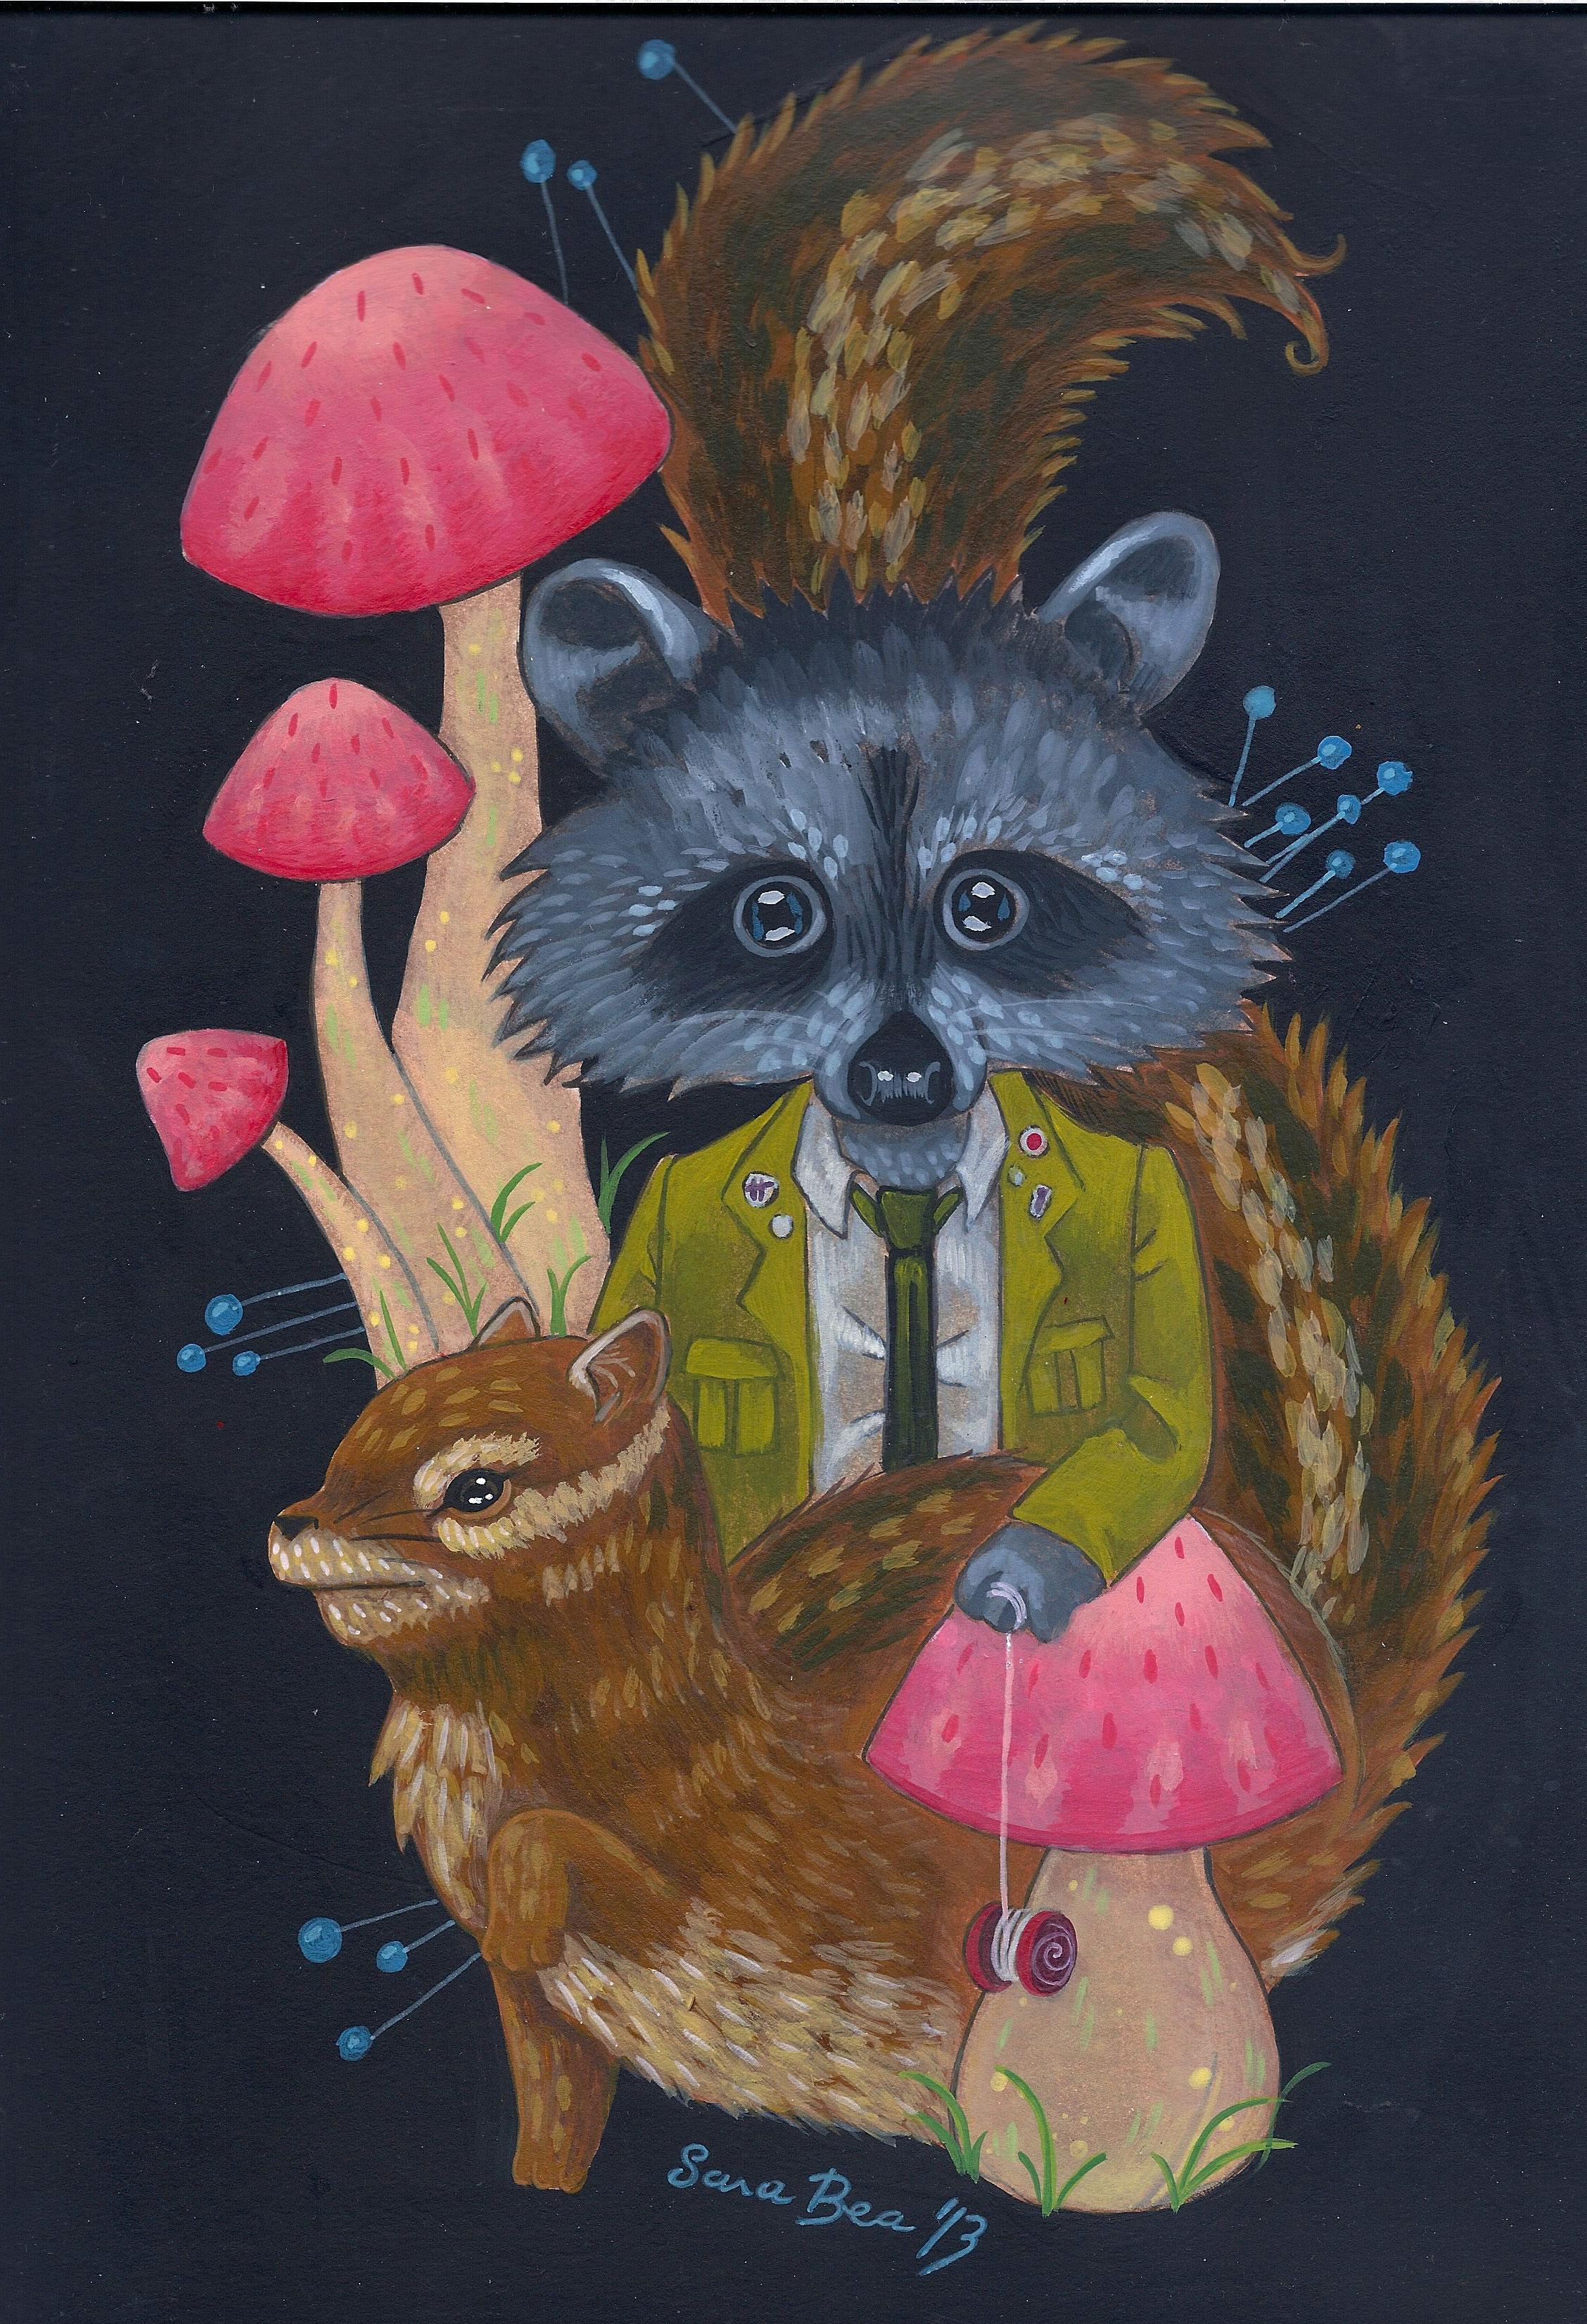 dabbc0422c mapache « Sara Bea